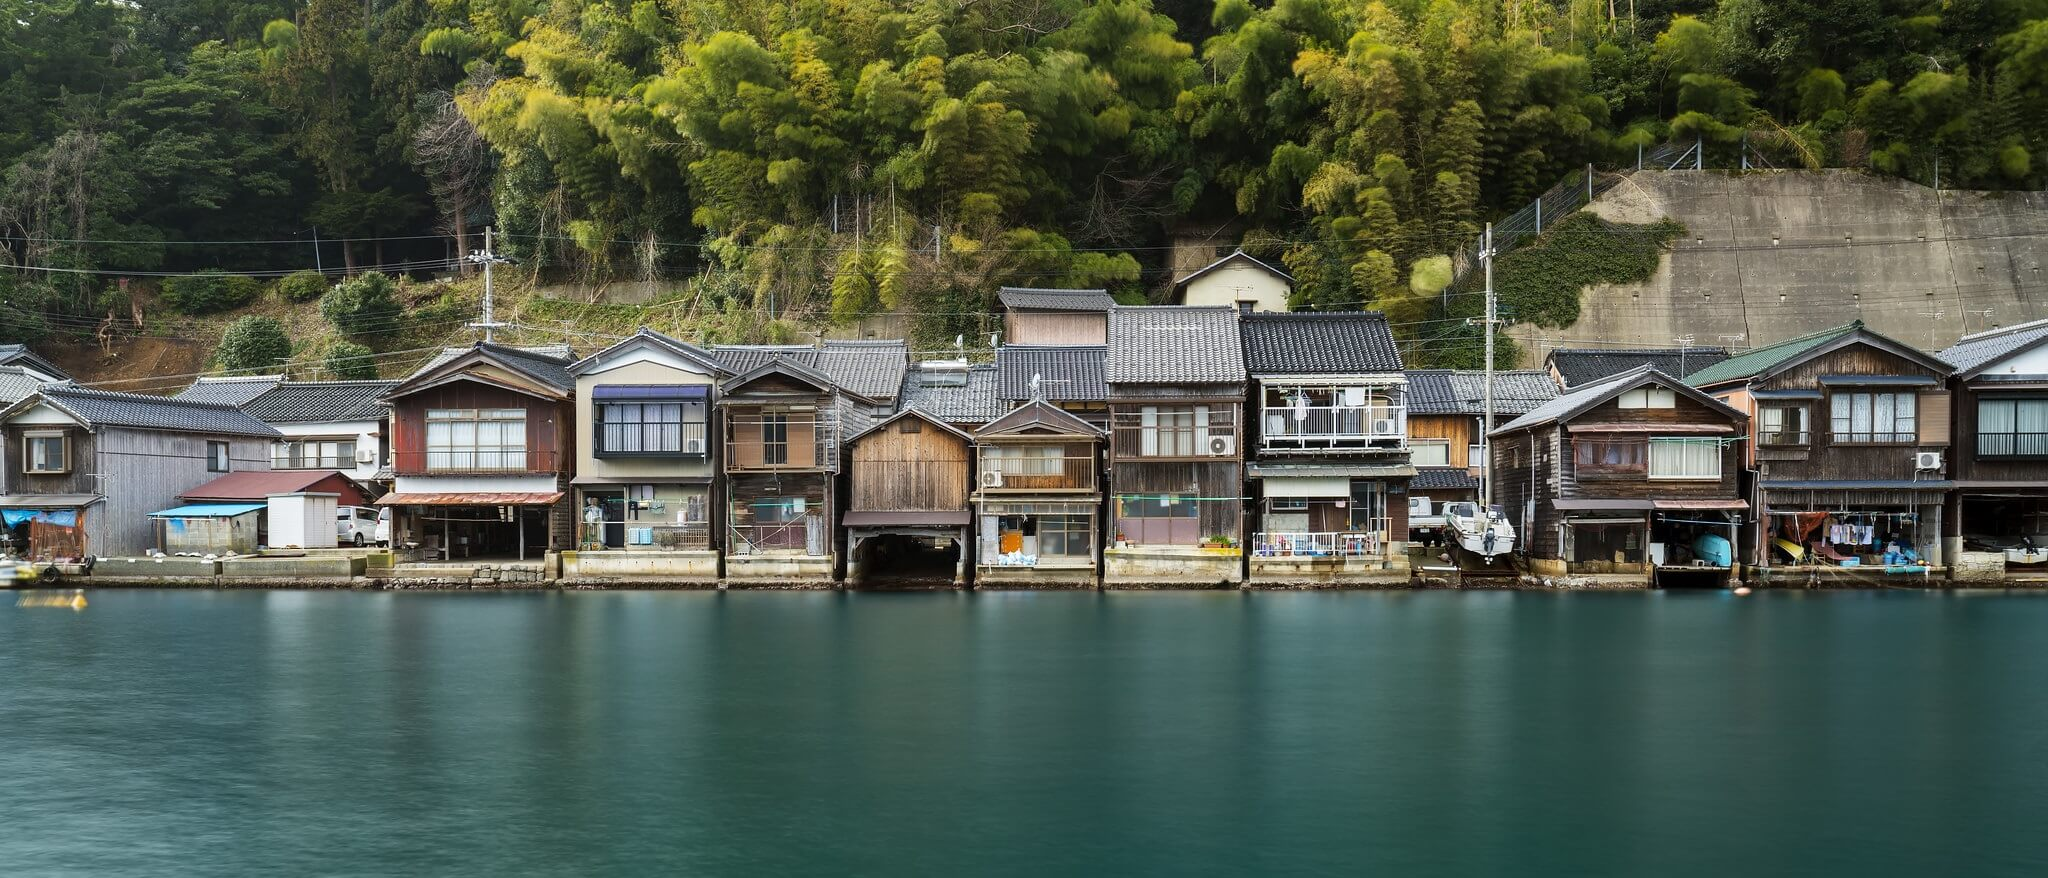 Ine, villaggio giapponese di pescatori noto per le abitazioni tradizionali chiamate funaya